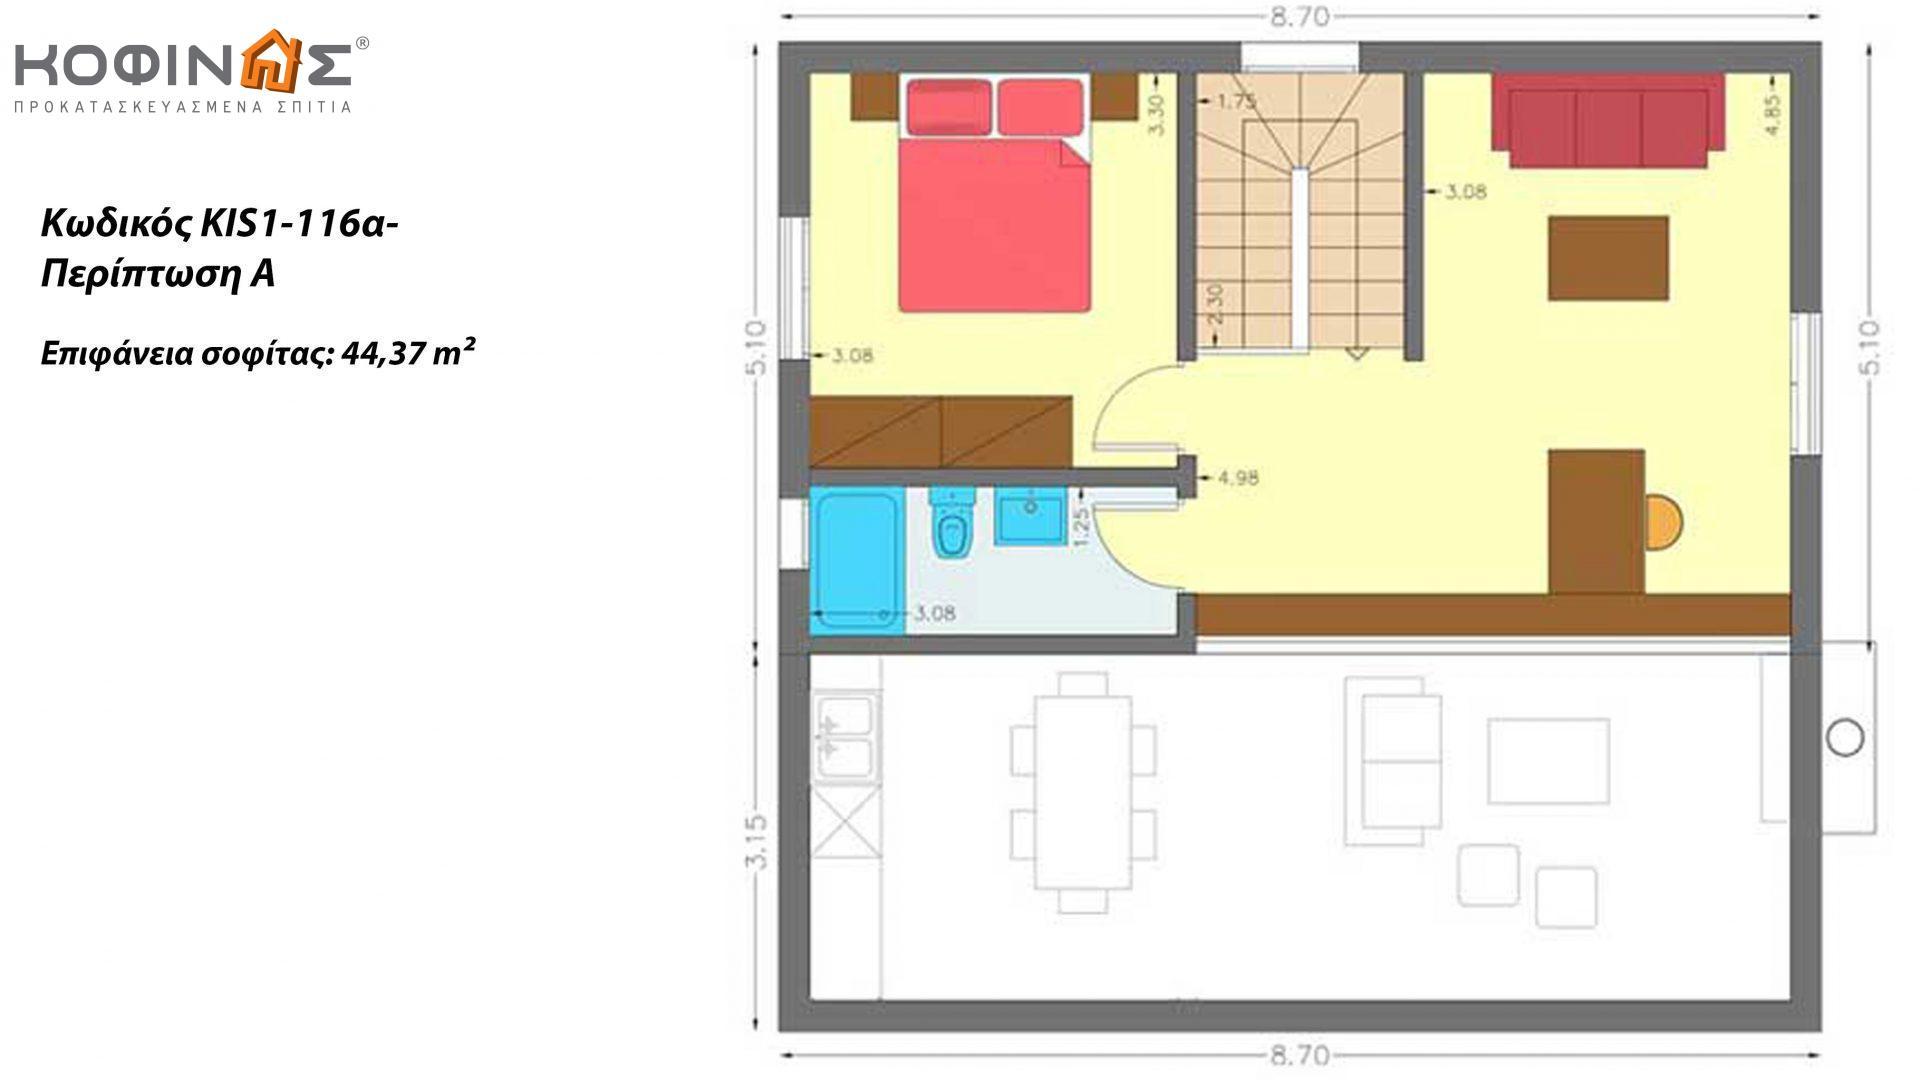 Ισόγεια Κατοικία με Σοφίτα KIS1-116α, συνολικής επιφάνειας 116,15 τ.μ. ,συνολική επιφάνεια στεγασμένων χώρων  12,30 τ.μ.